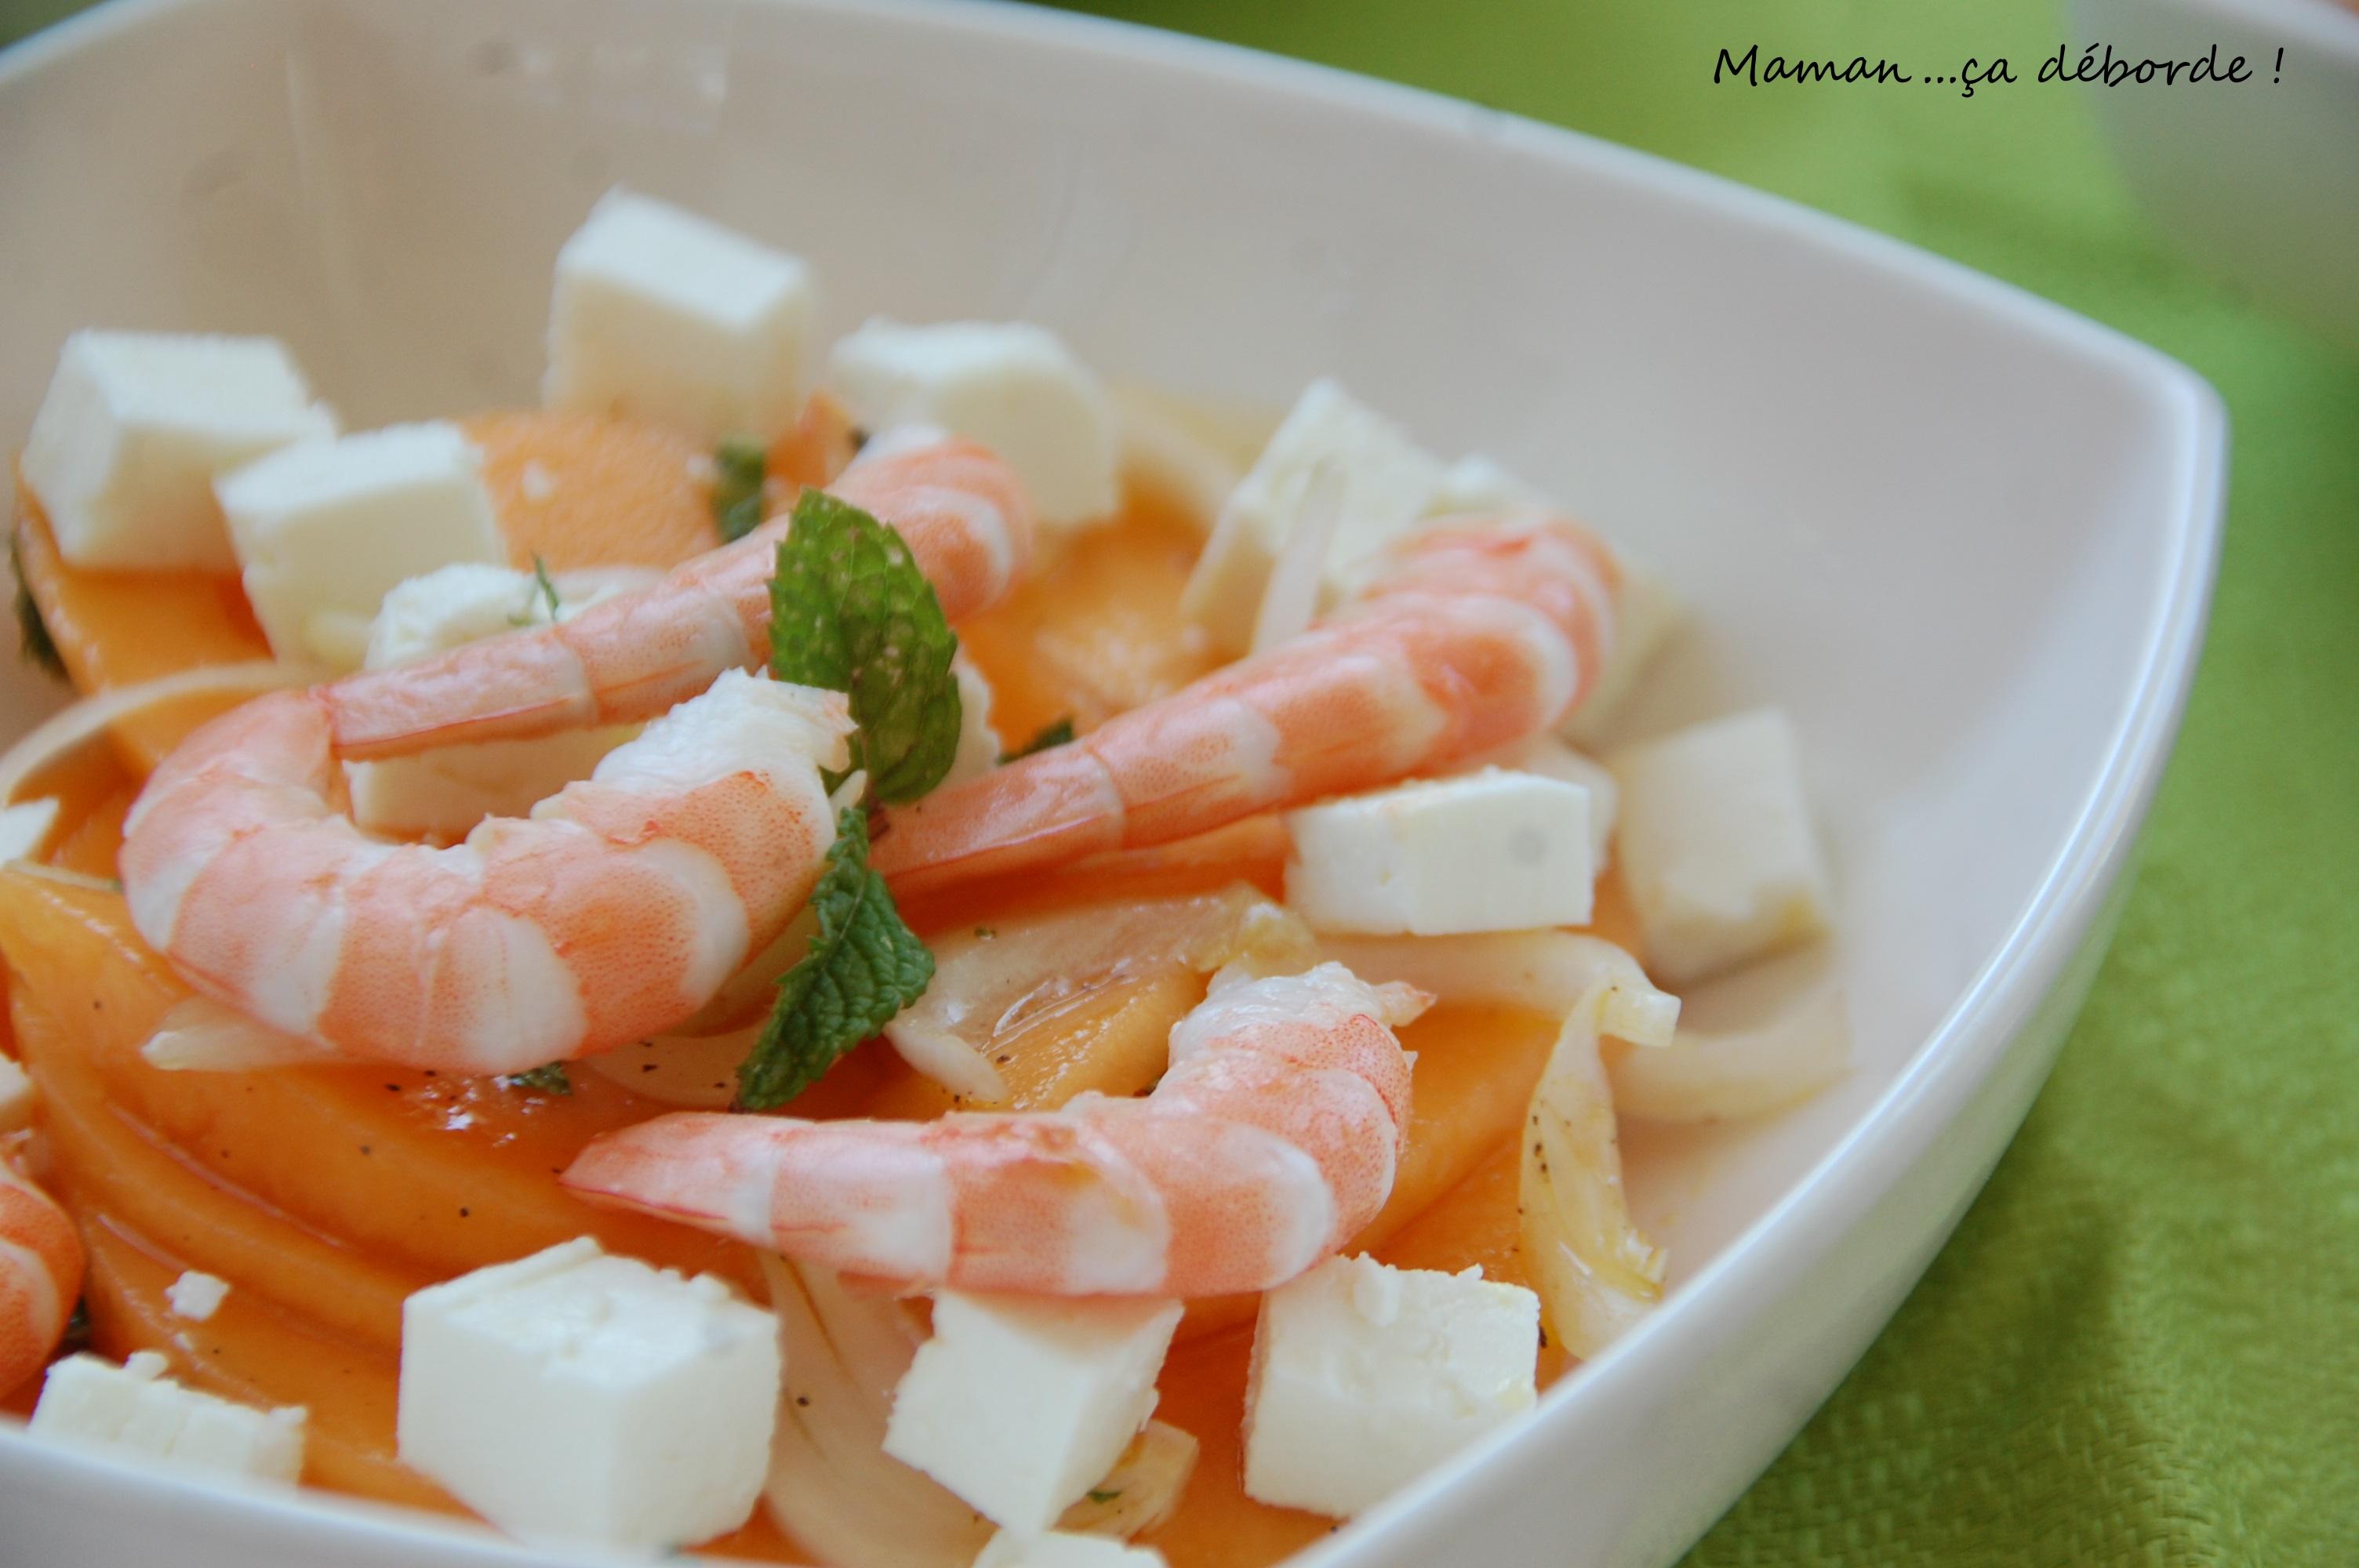 Salade de melon aux crevettes maman a d borde for Salade entree originale